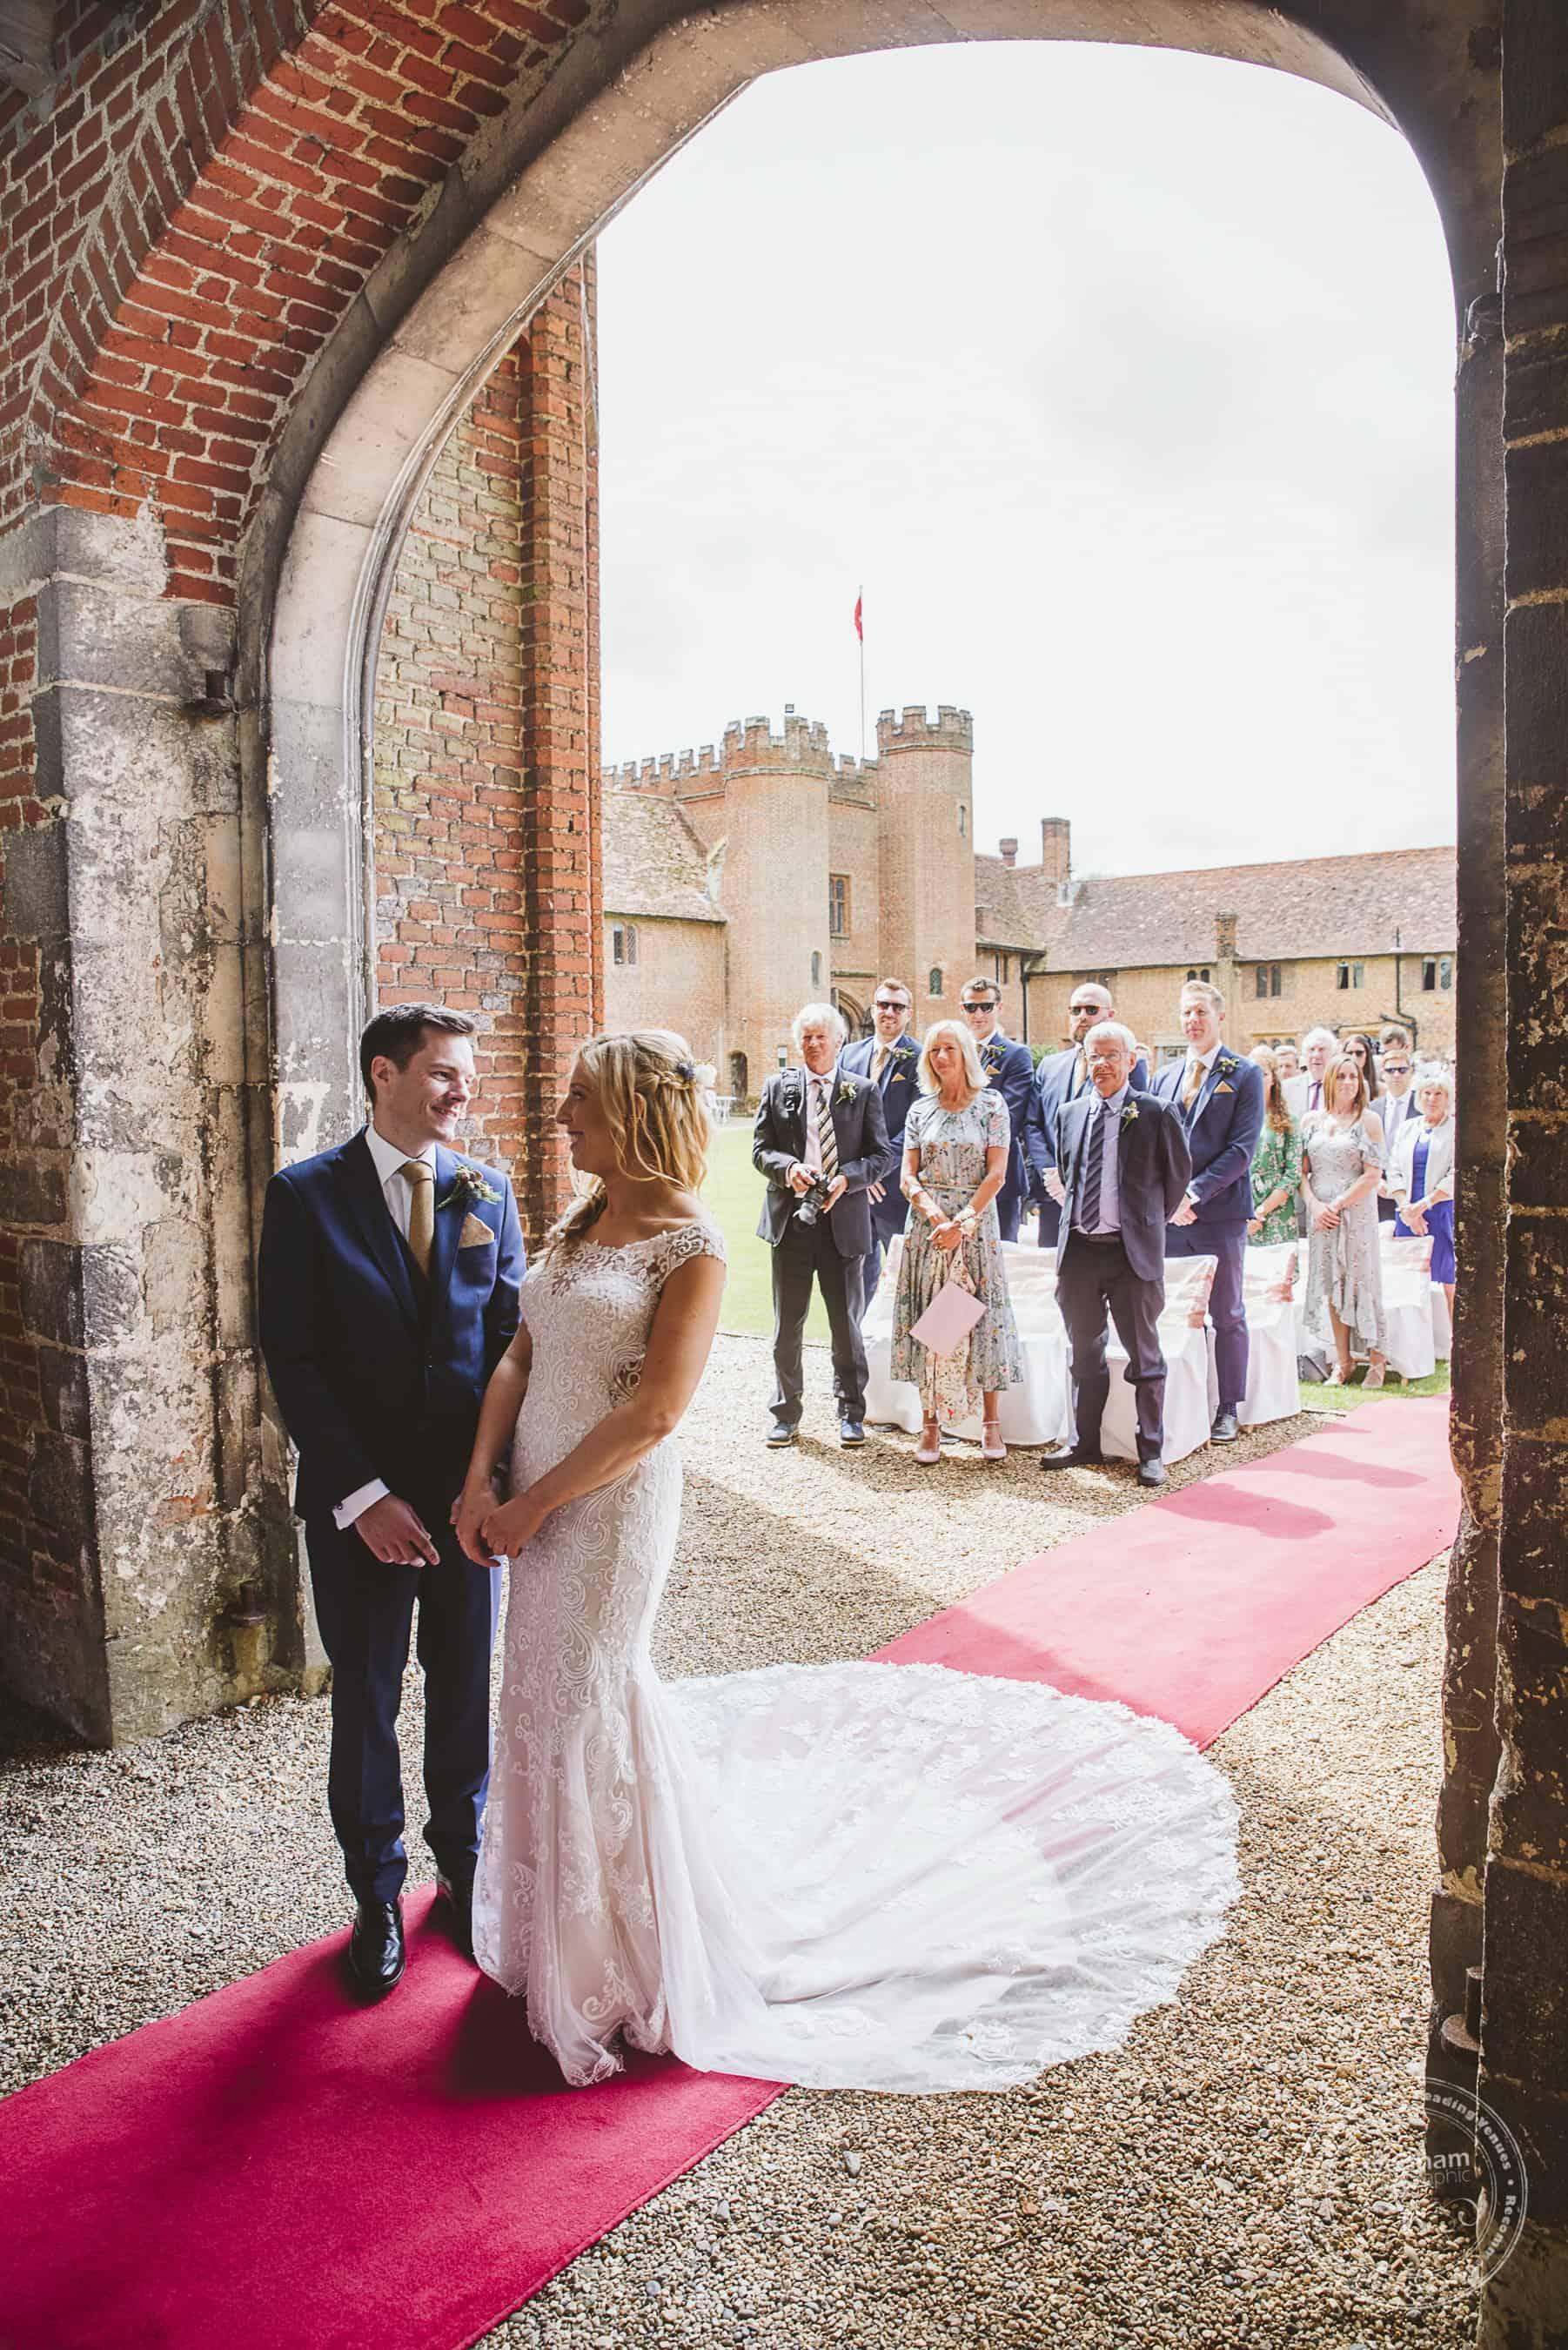 020618 Leez Priory Wedding Photography Lavenham Photographic 052